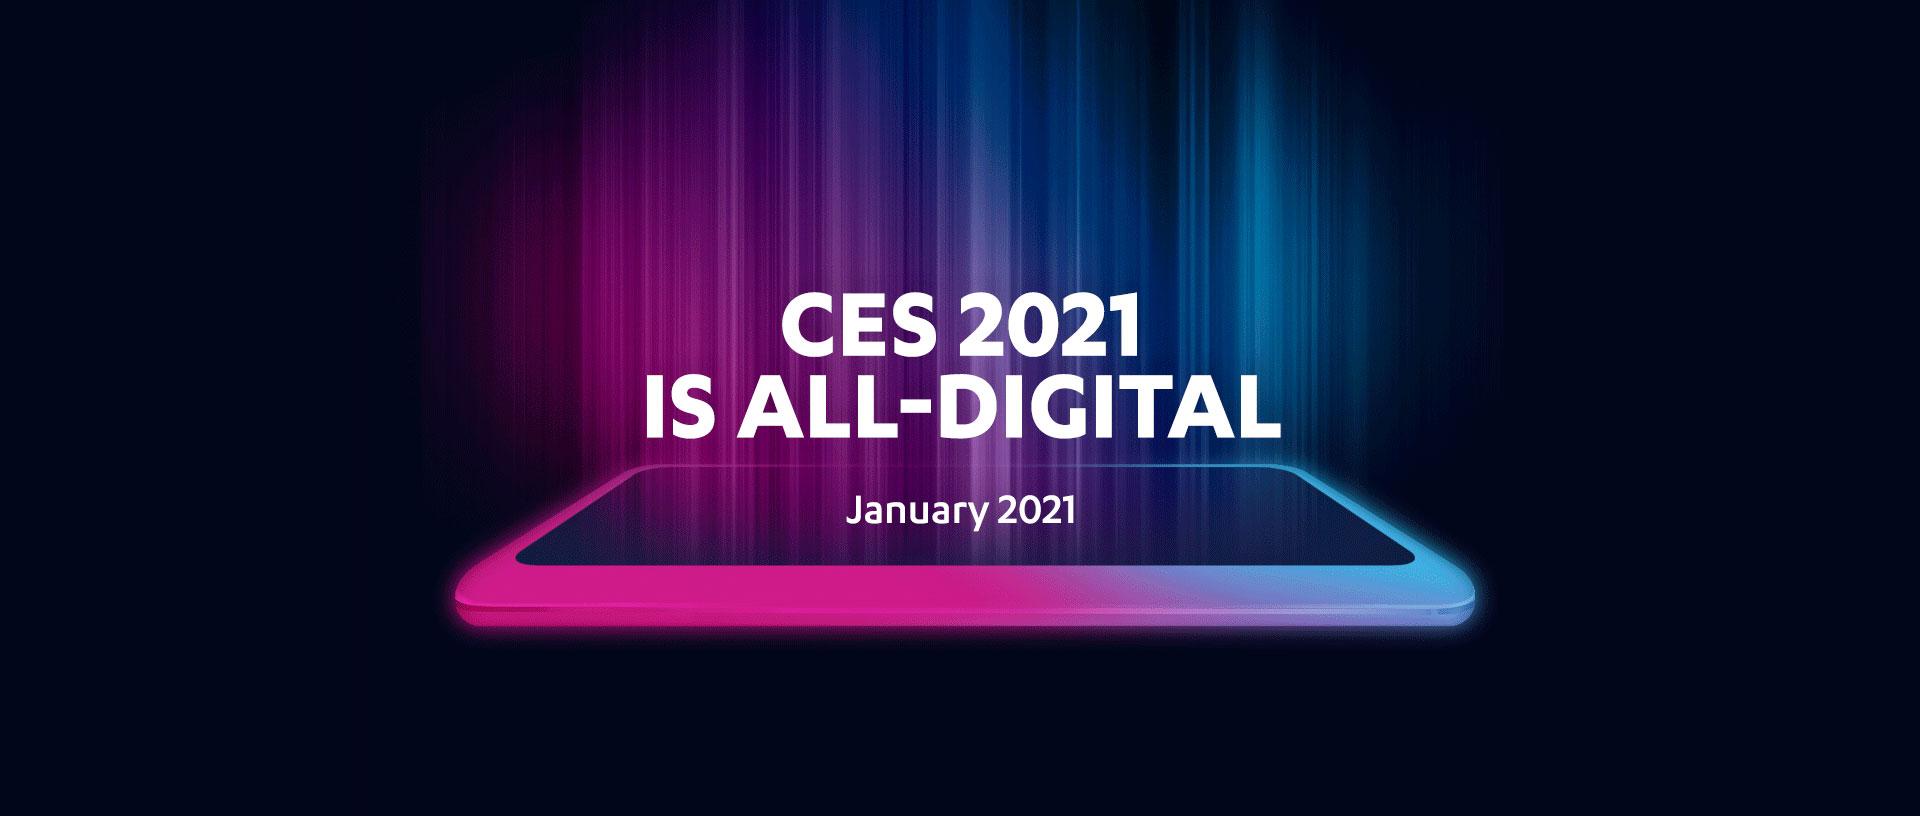 تاریخ نمایشگاه CES 2021